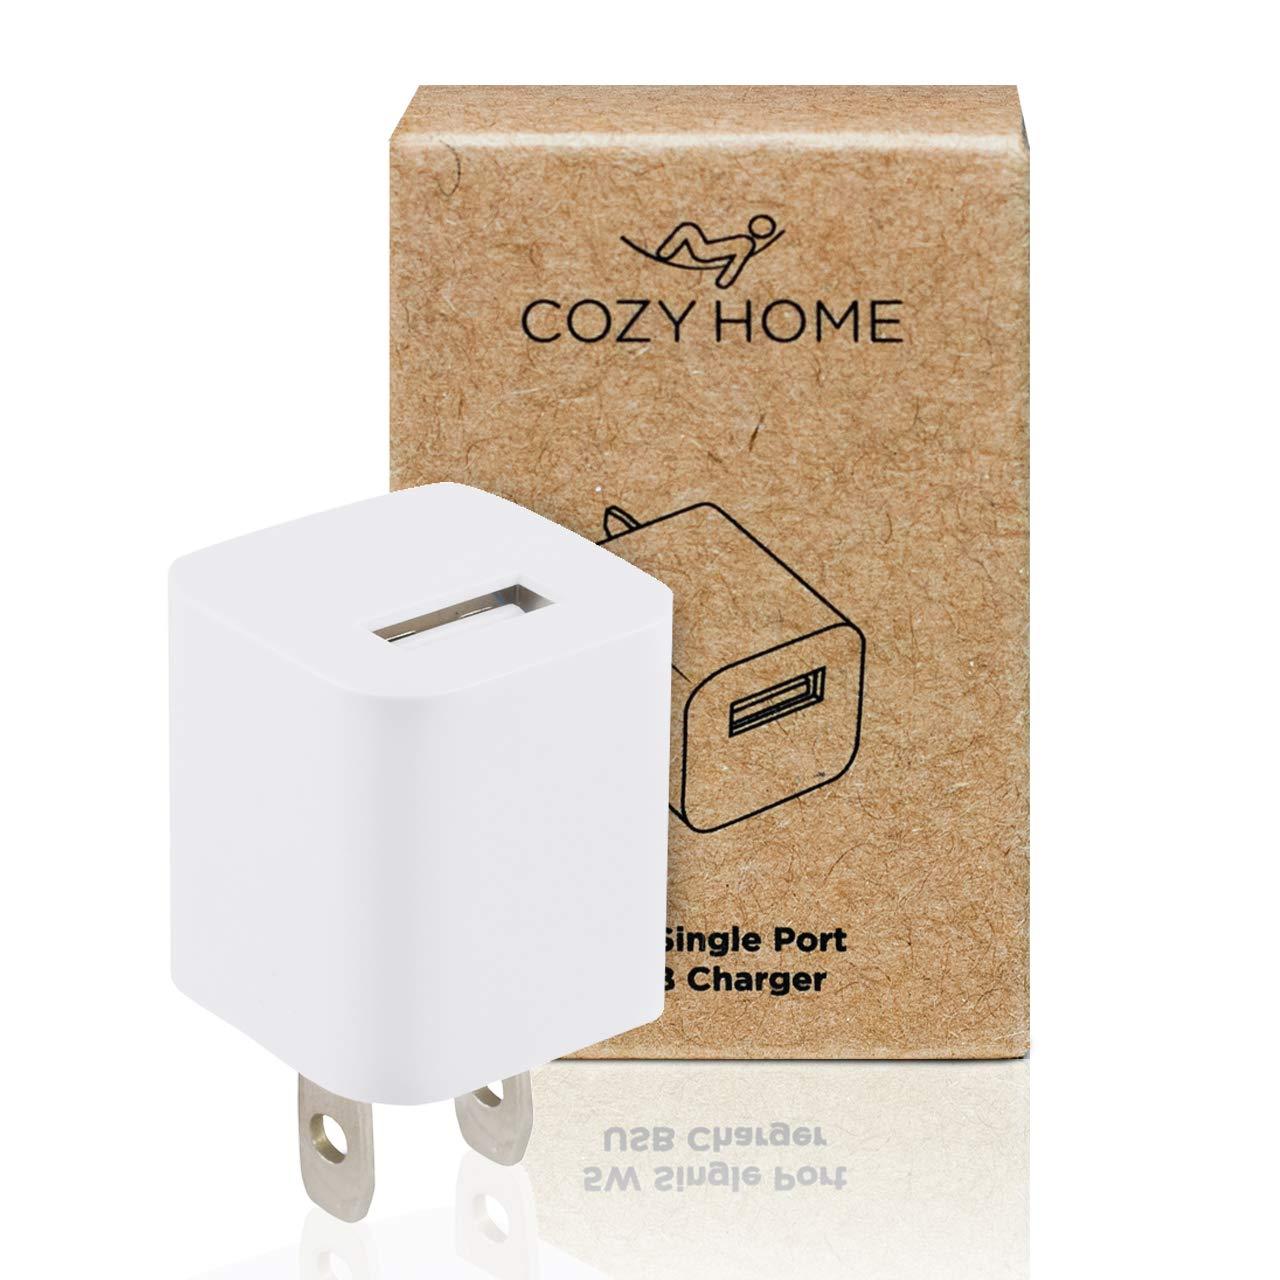 cozyhome Travel Plug Adaptador de Viaje Mini US Adaptador de Conector Tipo A China y Otros Pa/íses USB Conector de Viaje para los Estados Unidos